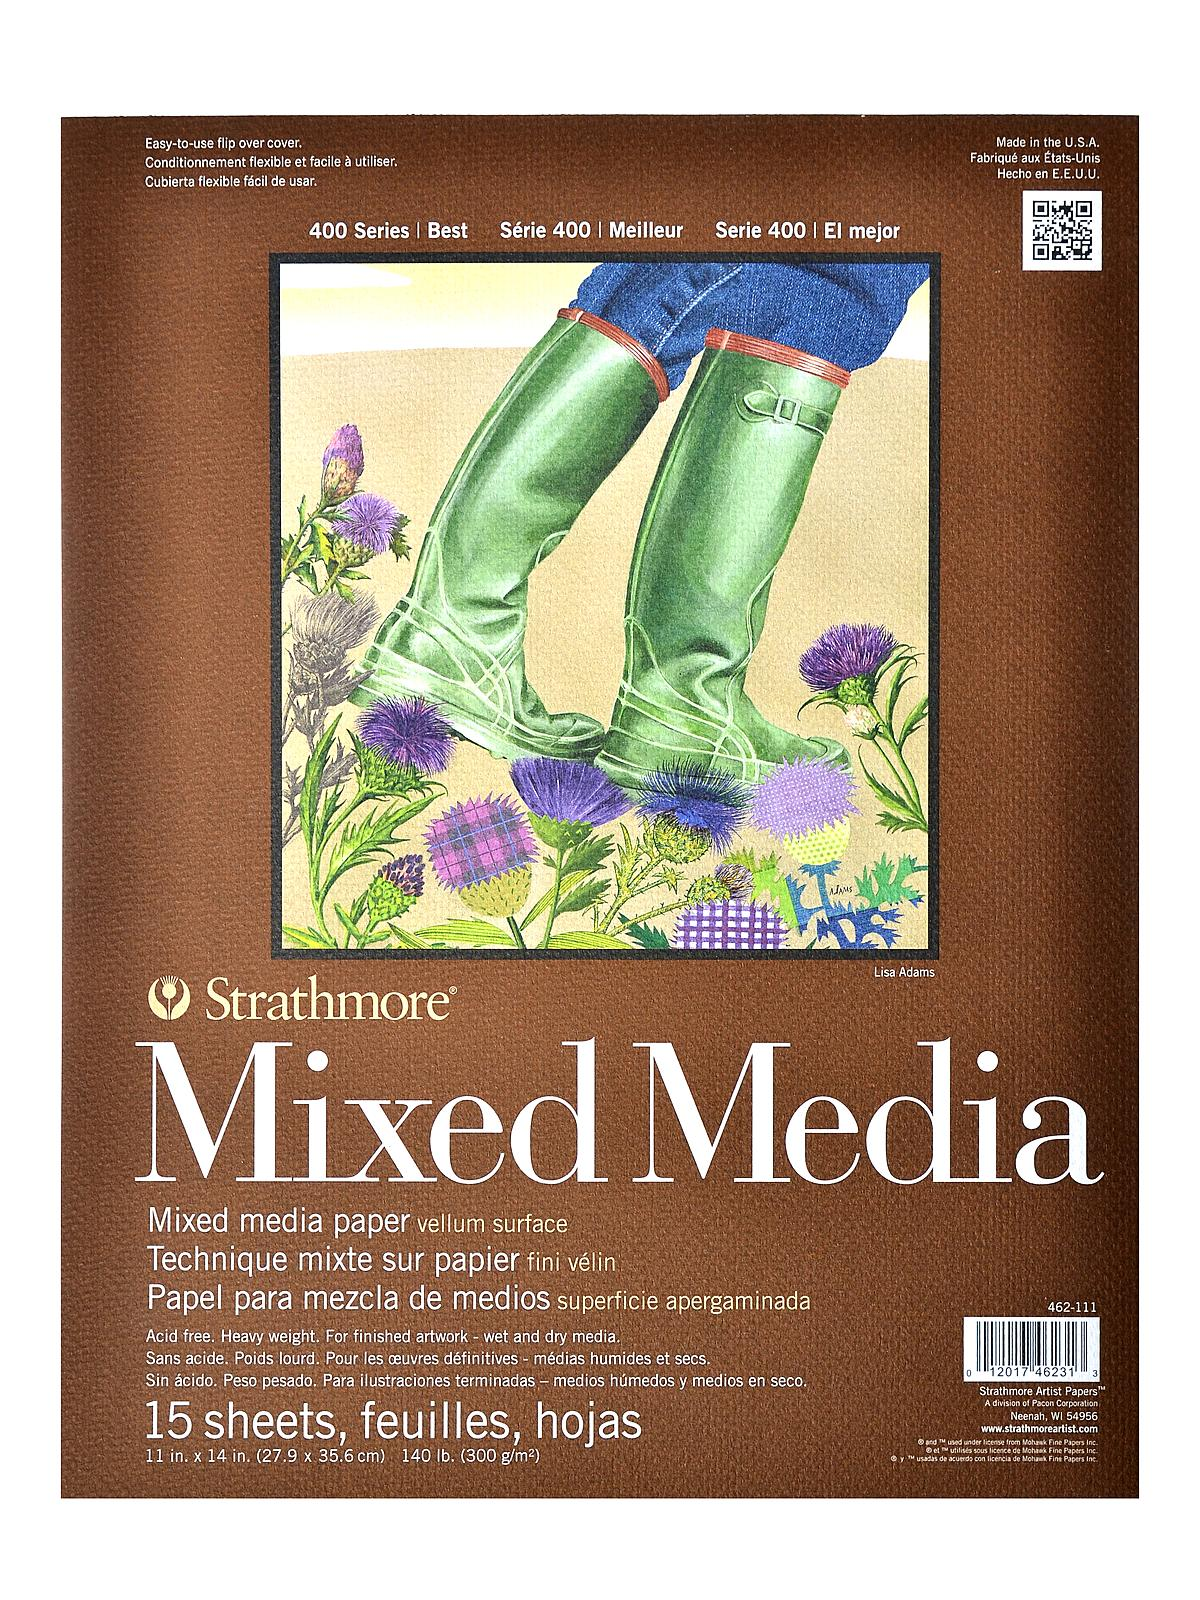 400 Series Mixed Media Pad